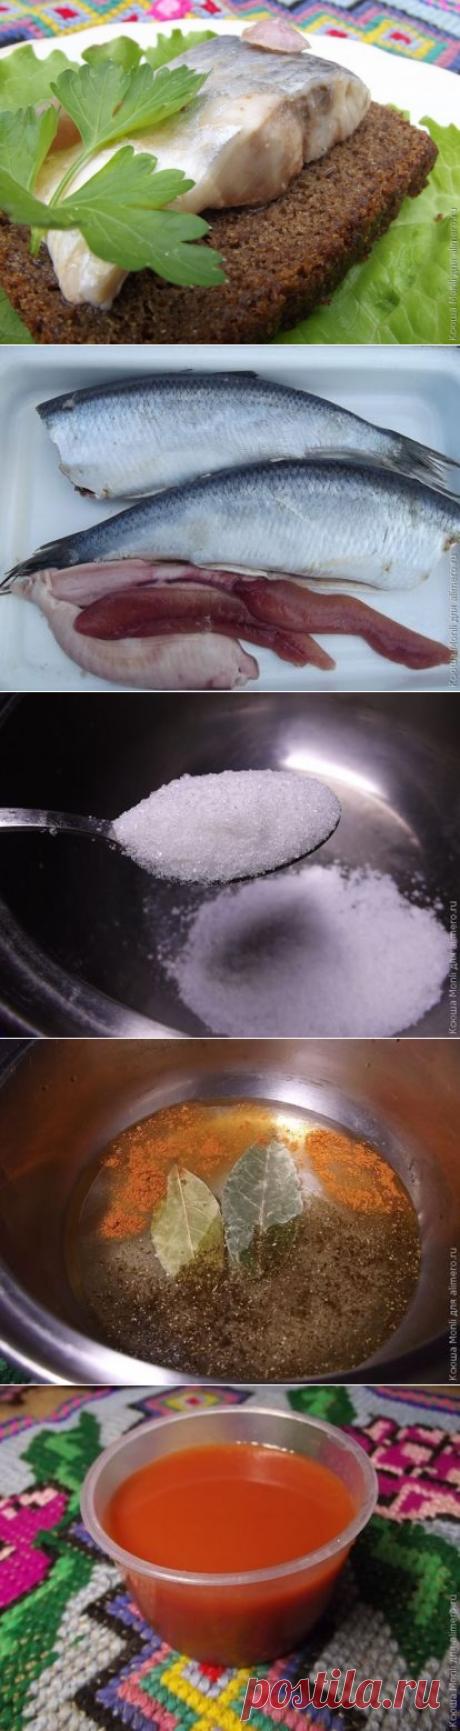 👌 Маринованная селедка в томатном соке, рецепты с фото